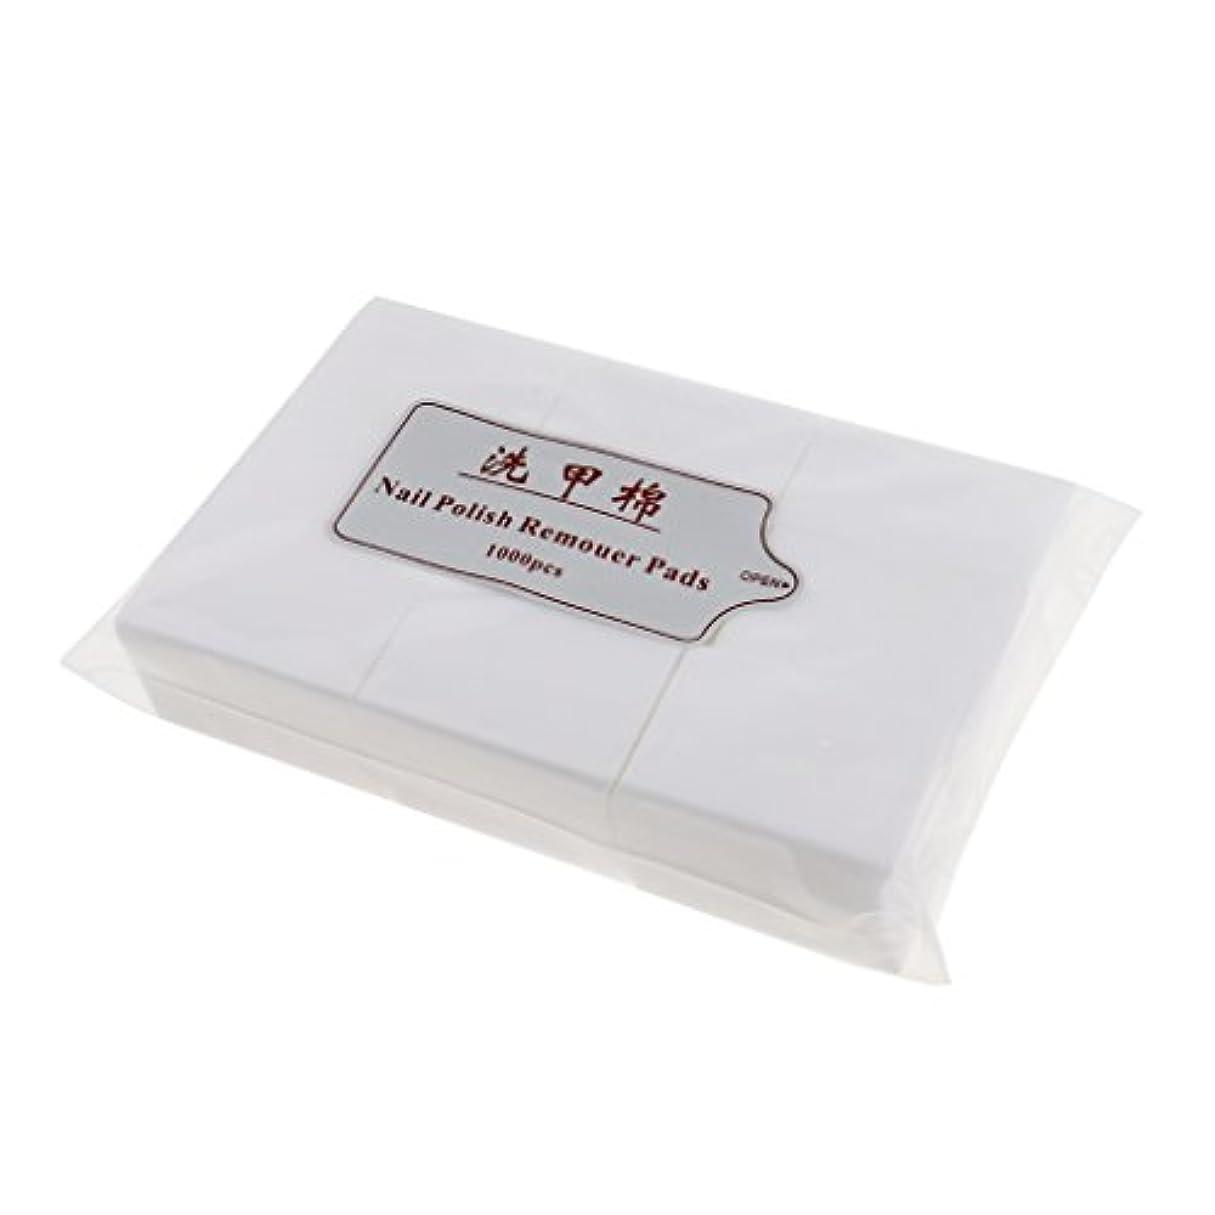 約1000個 ネイルコットンパッド ネイルアートチップ パッド紙 マニキュア 吸水性 衛生的 ネイルサロン